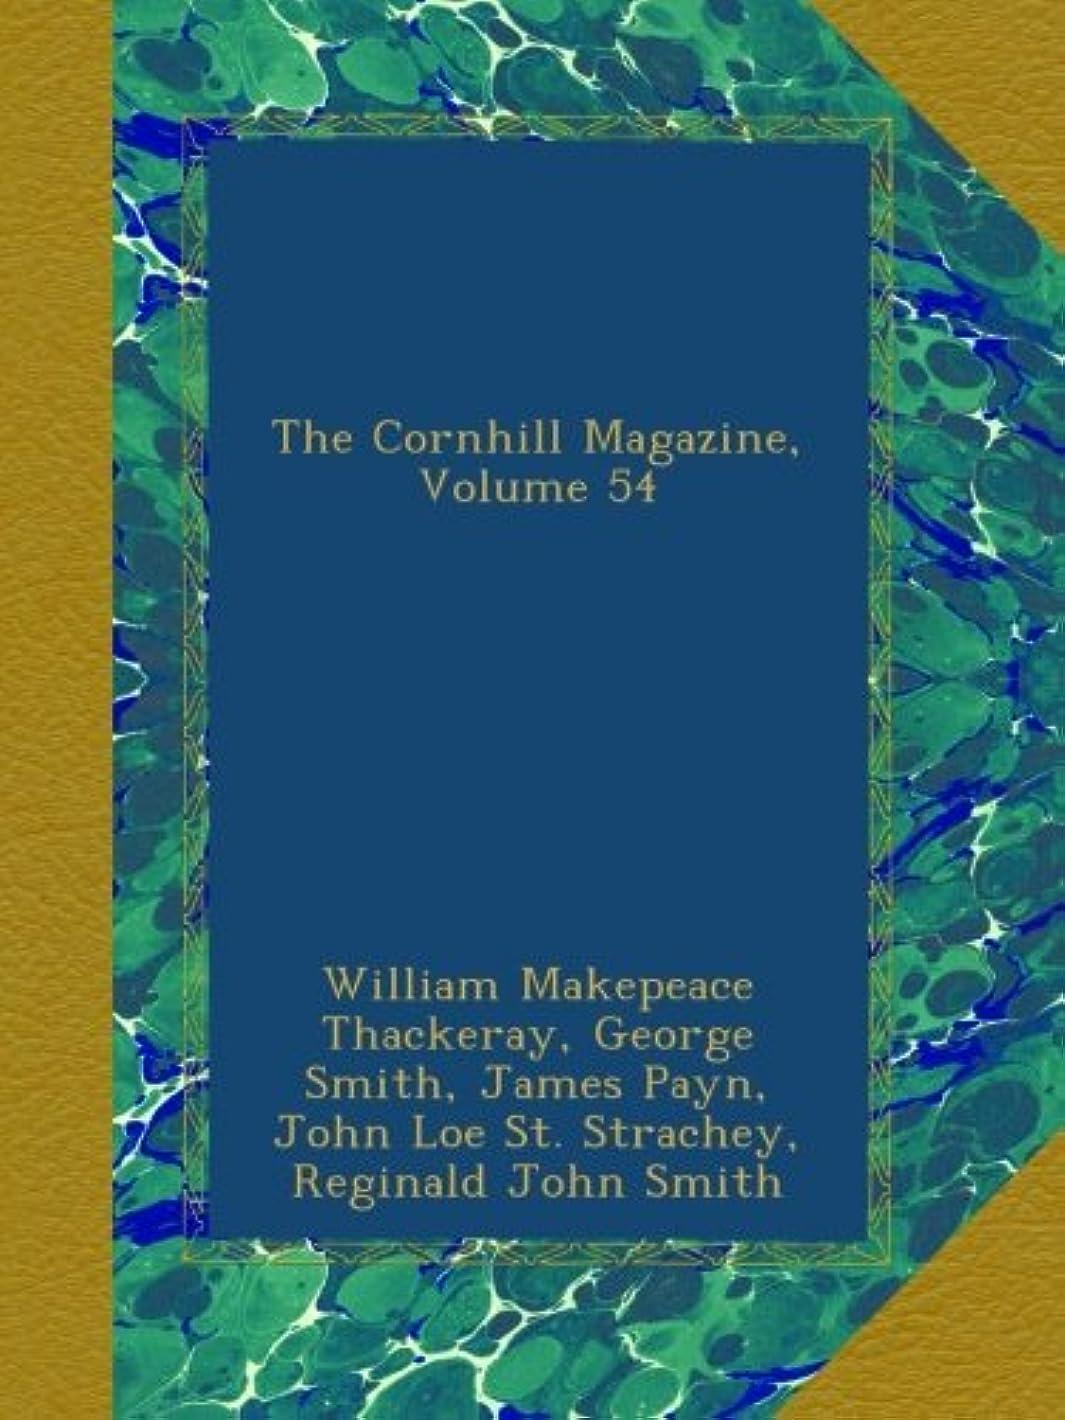 かもしれないキャンプ現実The Cornhill Magazine, Volume 54